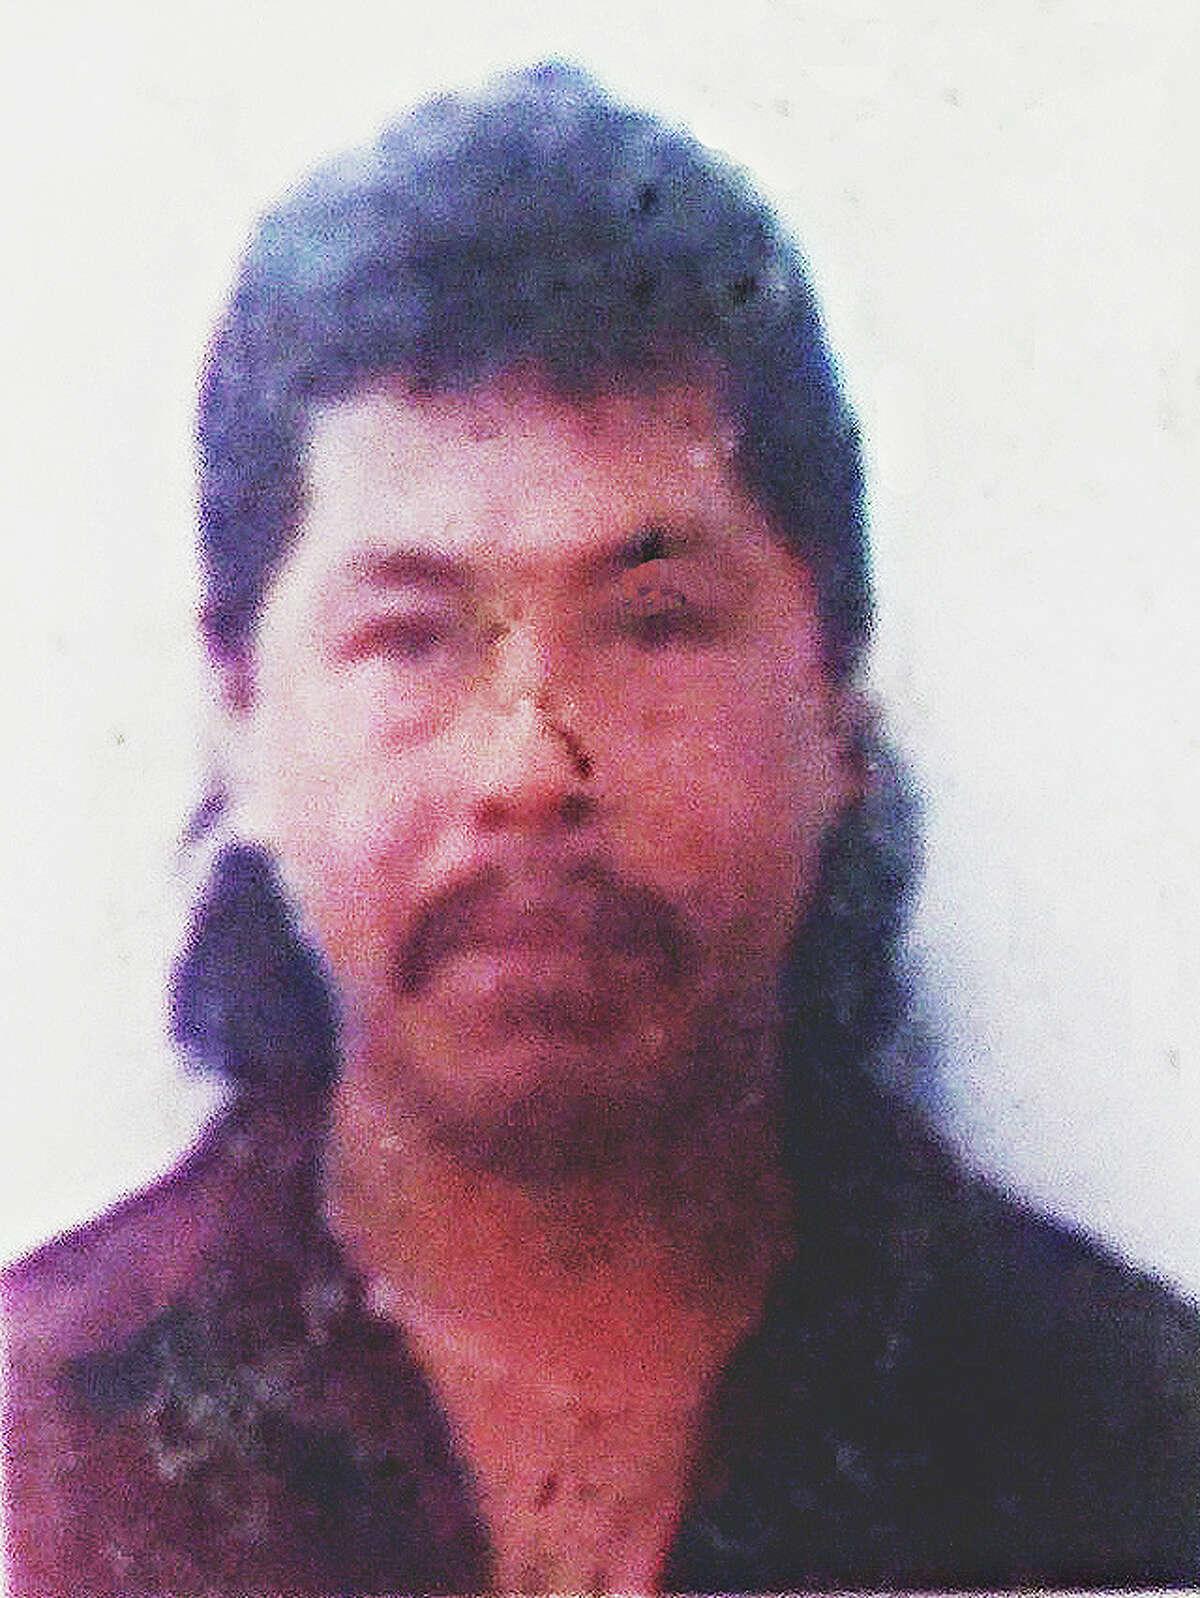 A photo of Pedro Sanchez Arellano from his driver's license.